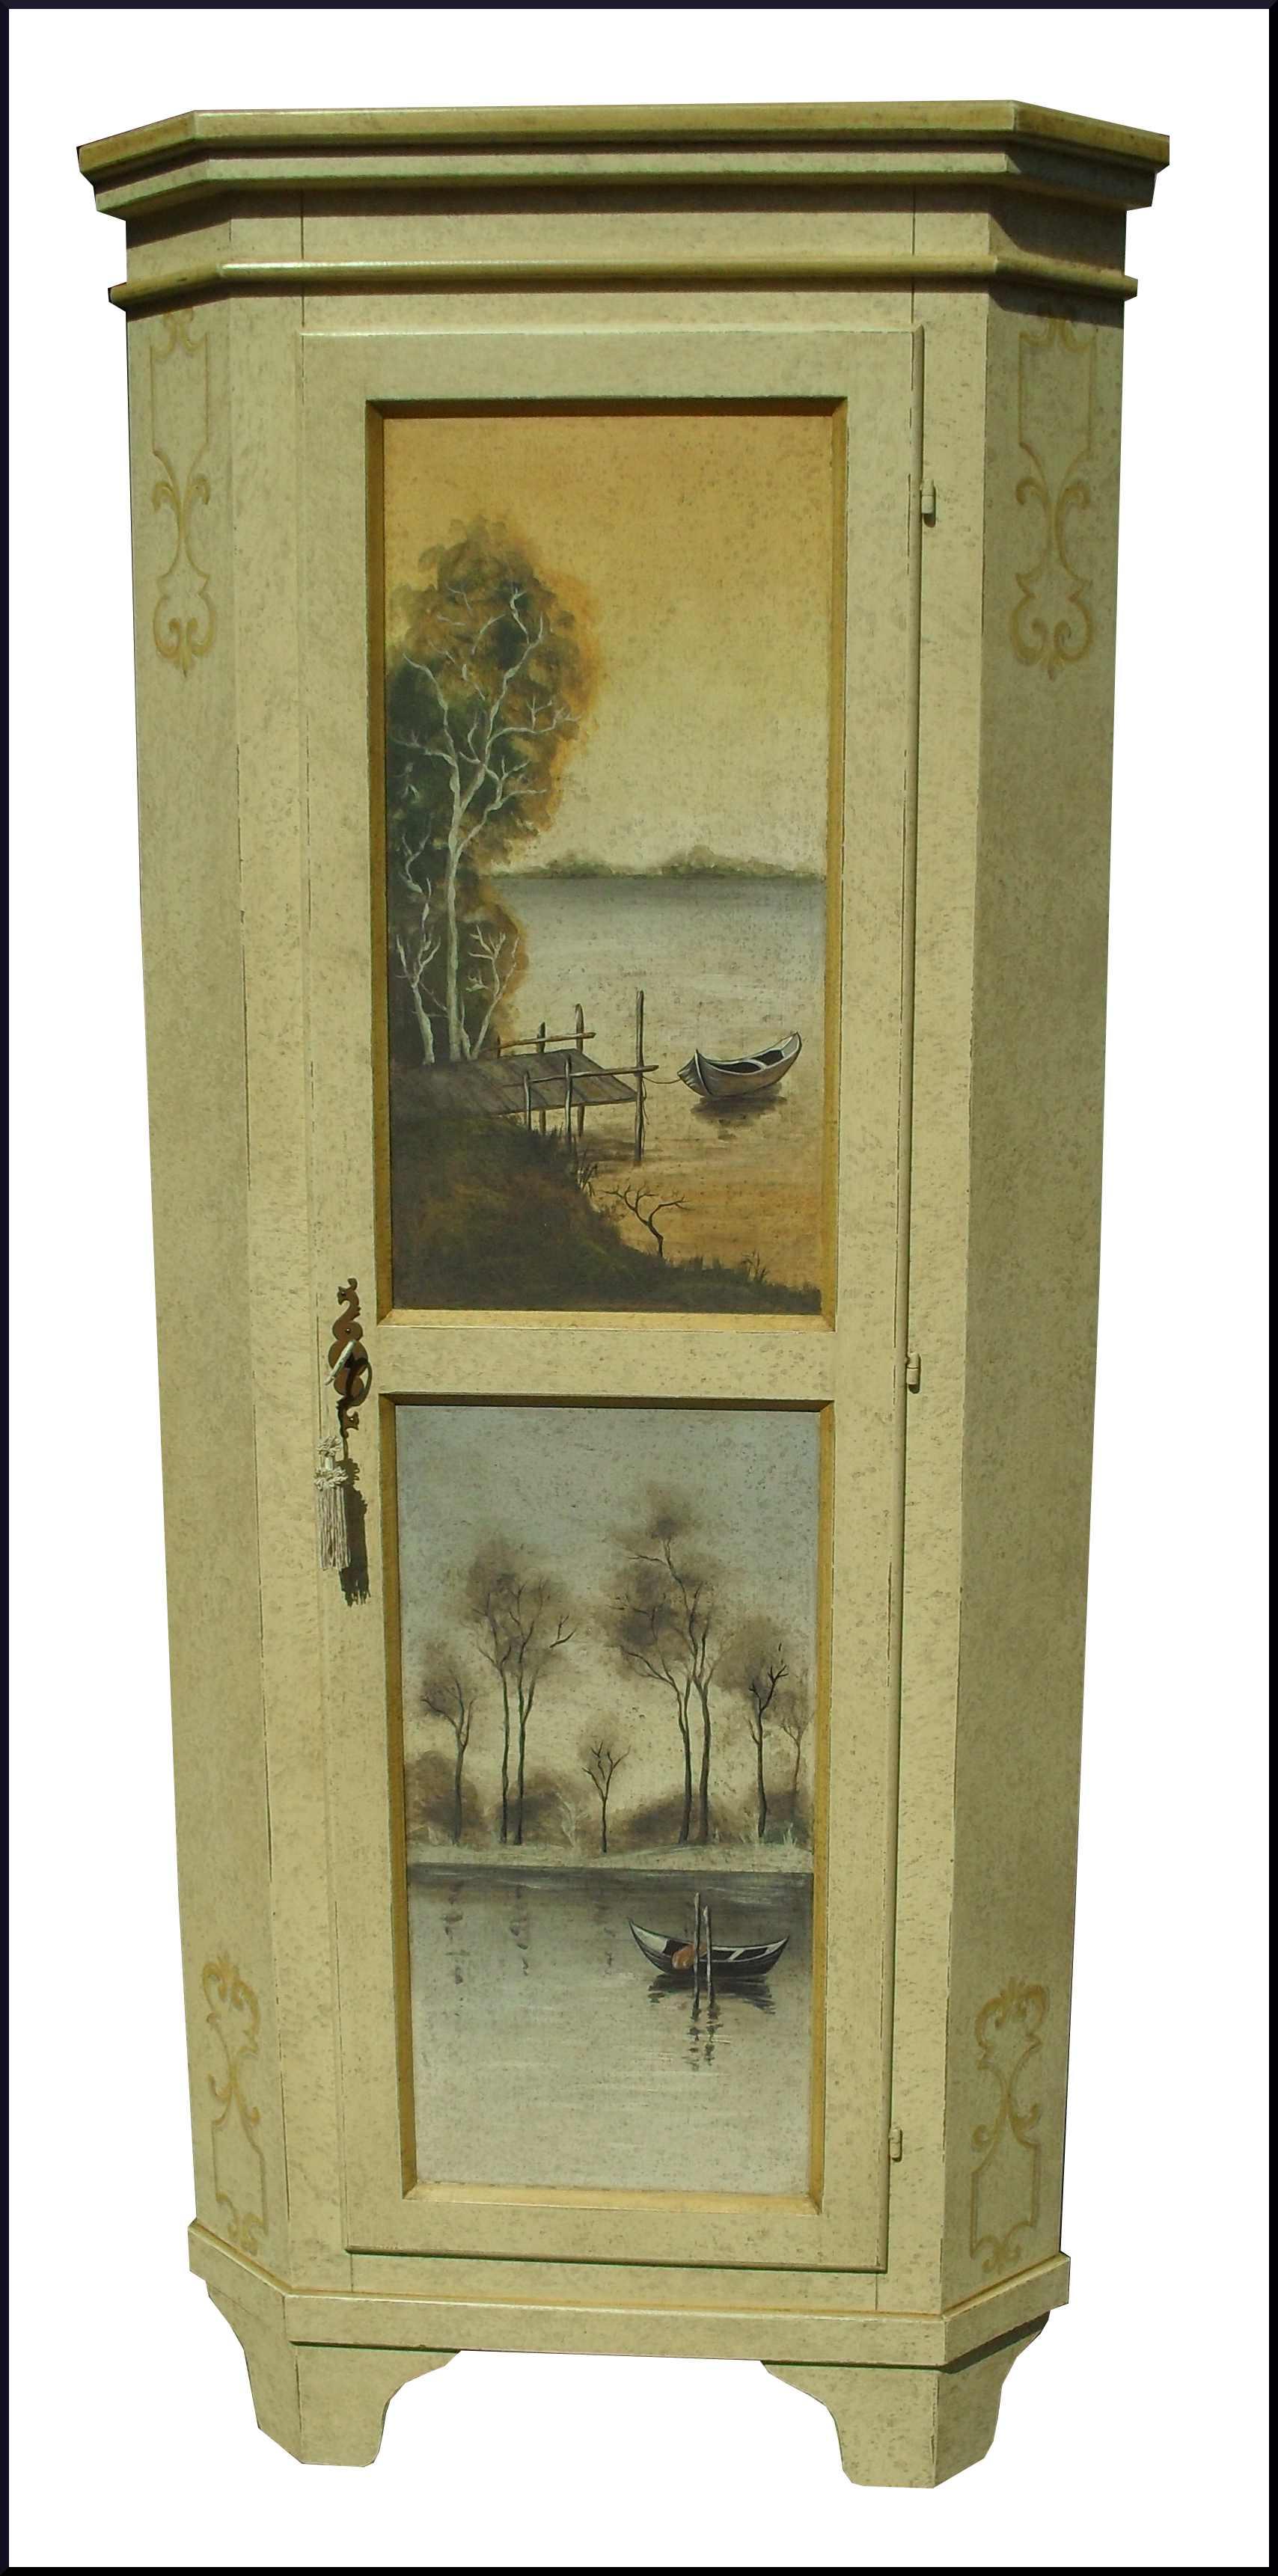 angoliera cantonale dipinta a mano con paesaggi la